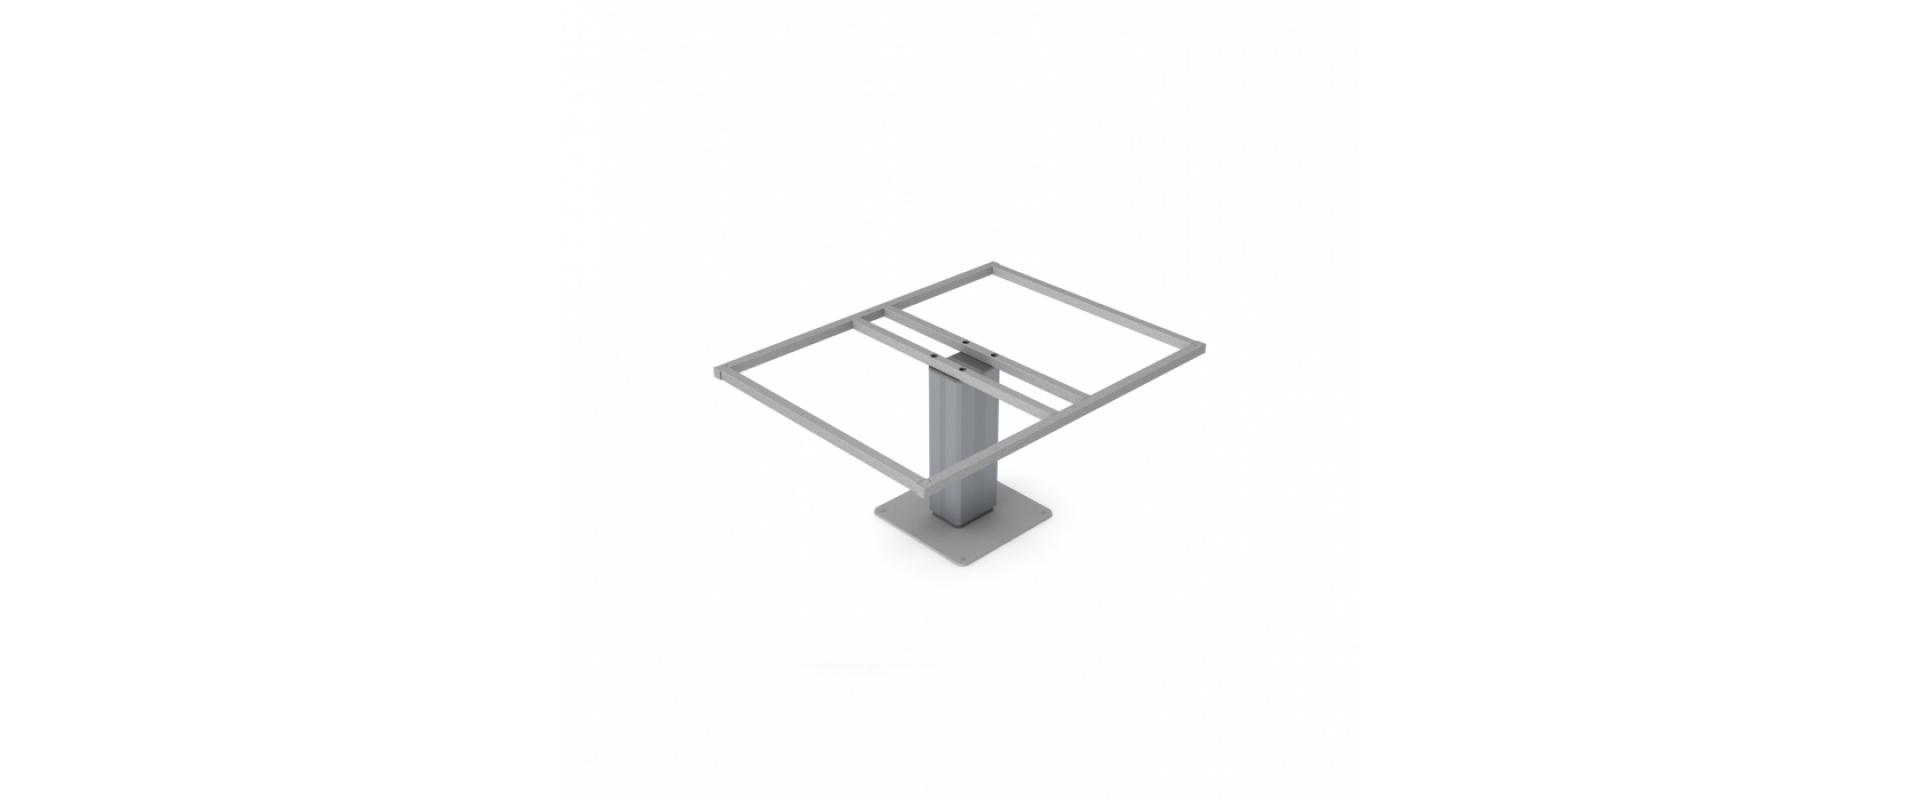 <b>Centerlift 980/981 - 95 cm djup</b>